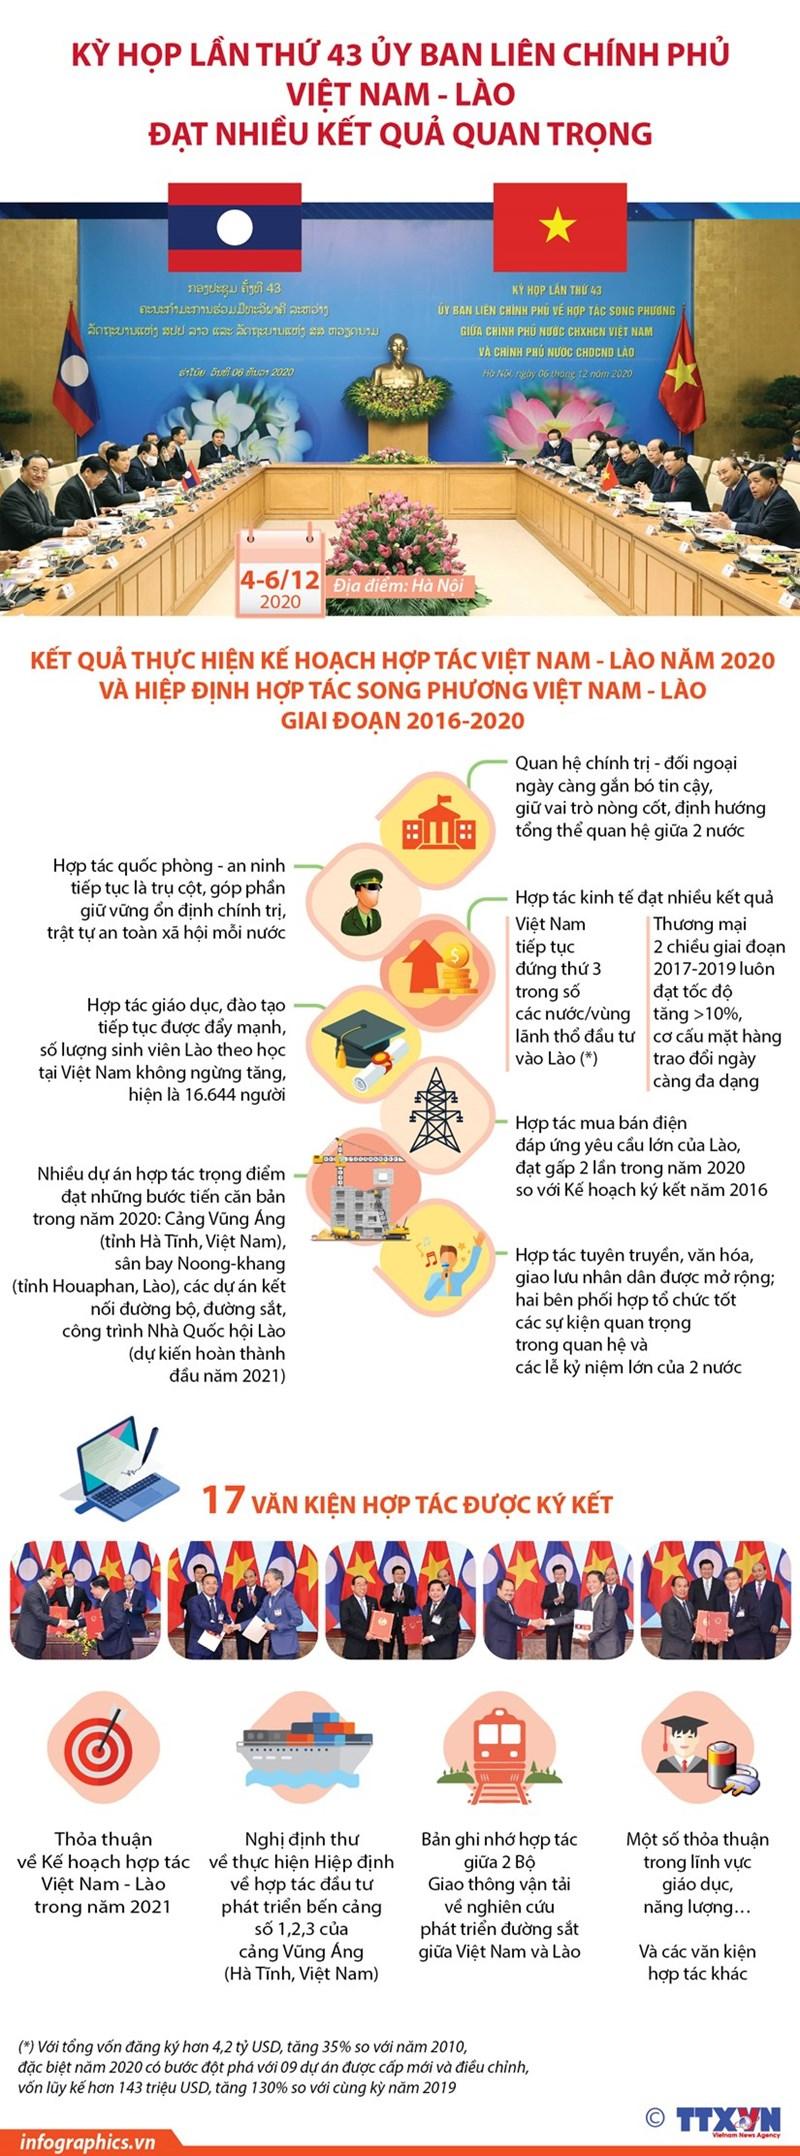 [Infographics] Kết quả kỳ họp lần thứ 43 Ủy ban liên Chính phủ Việt Nam - Lào - Ảnh 1